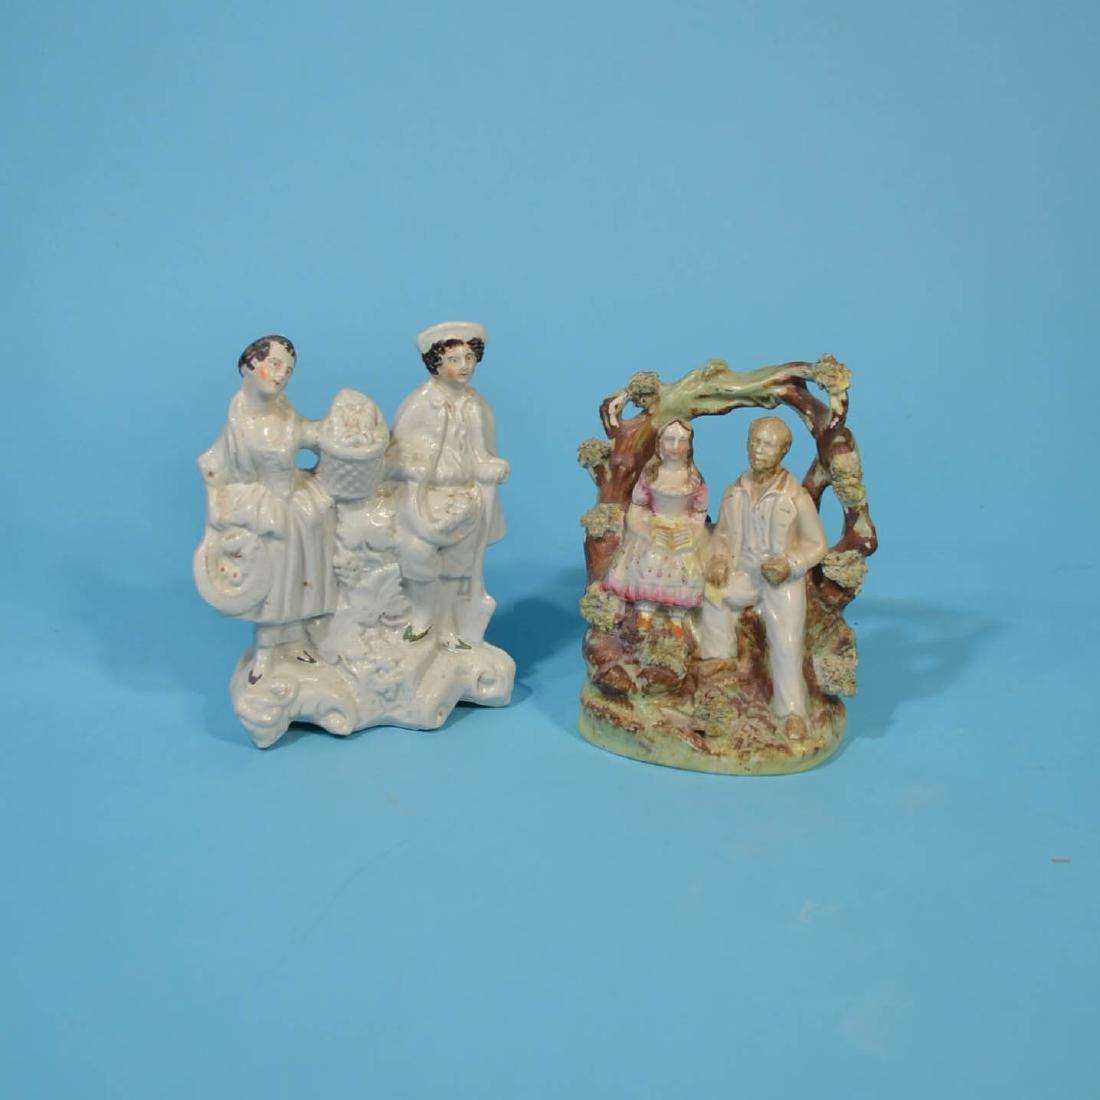 6 Staffordshire Porcelain Figures - 2